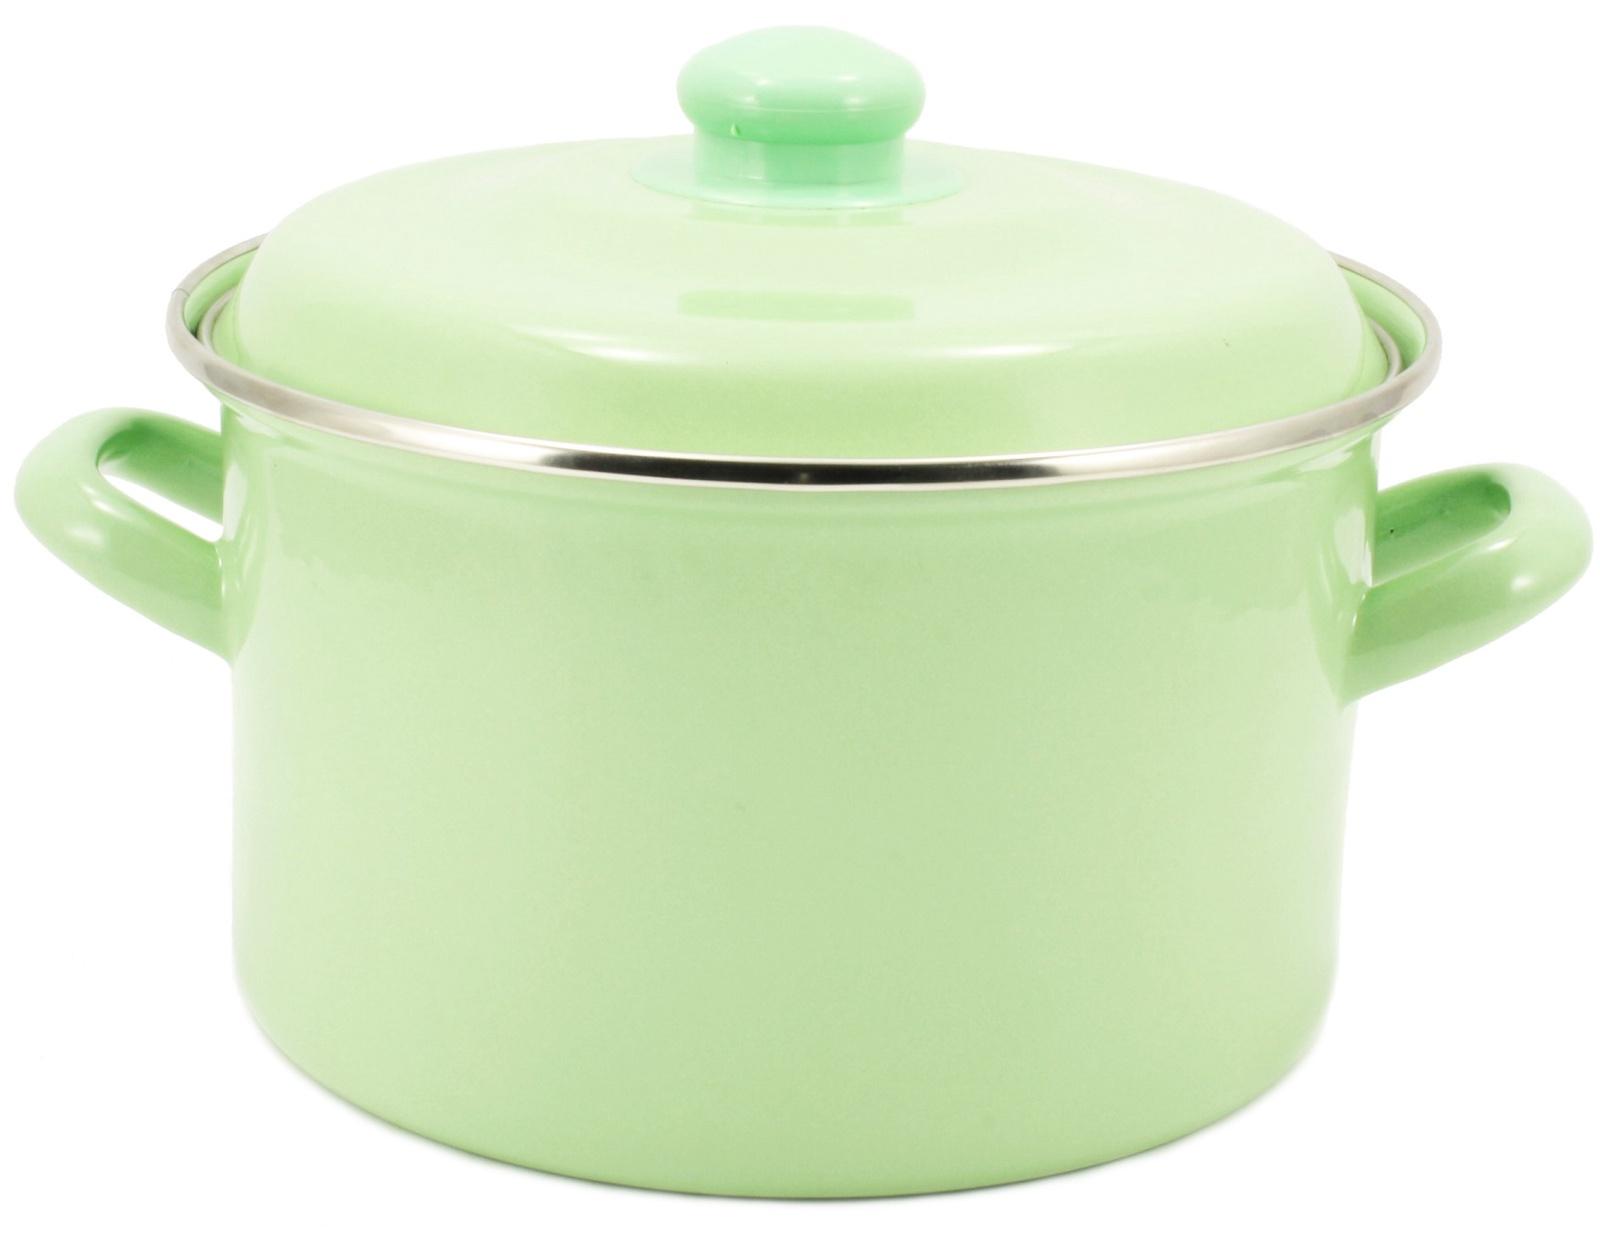 Кастрюля Interos МЯТА 6 литров с металлической крышкой, светло-зеленый